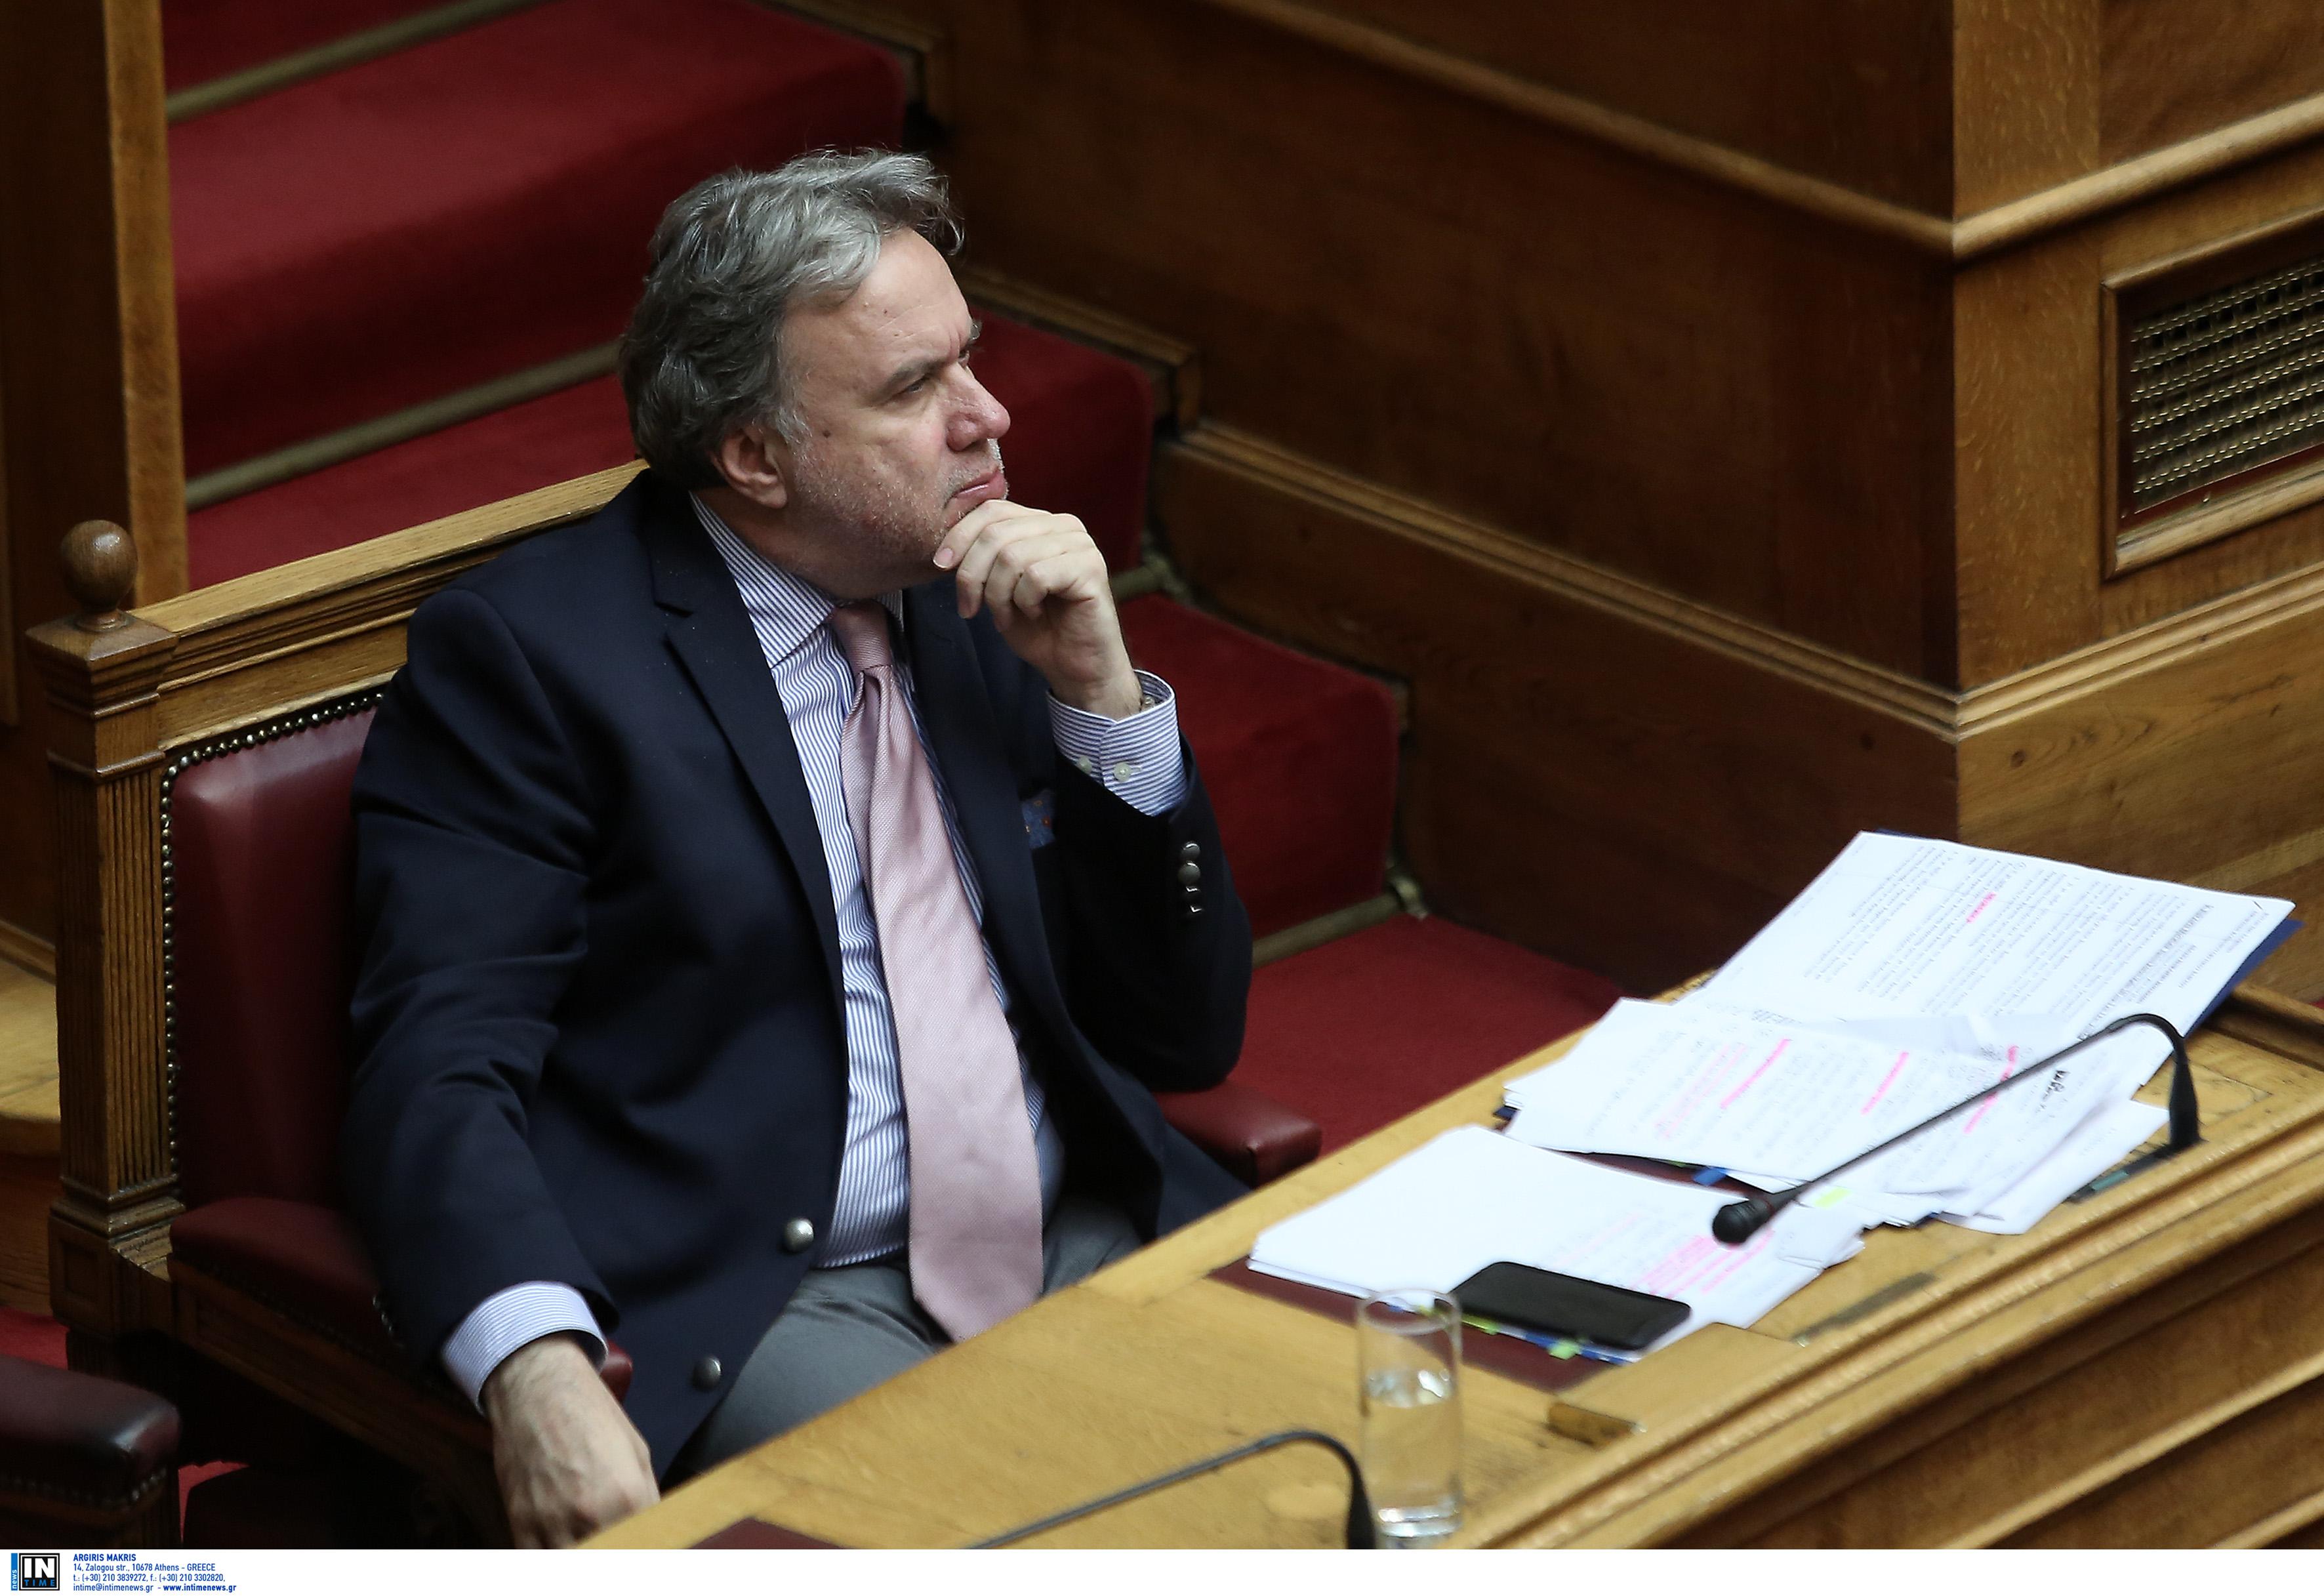 Κατρούγκαλος: Η Ευρώπη πρέπει να αναστρέψει τις πολιτικές λιτότητας   tovima.gr